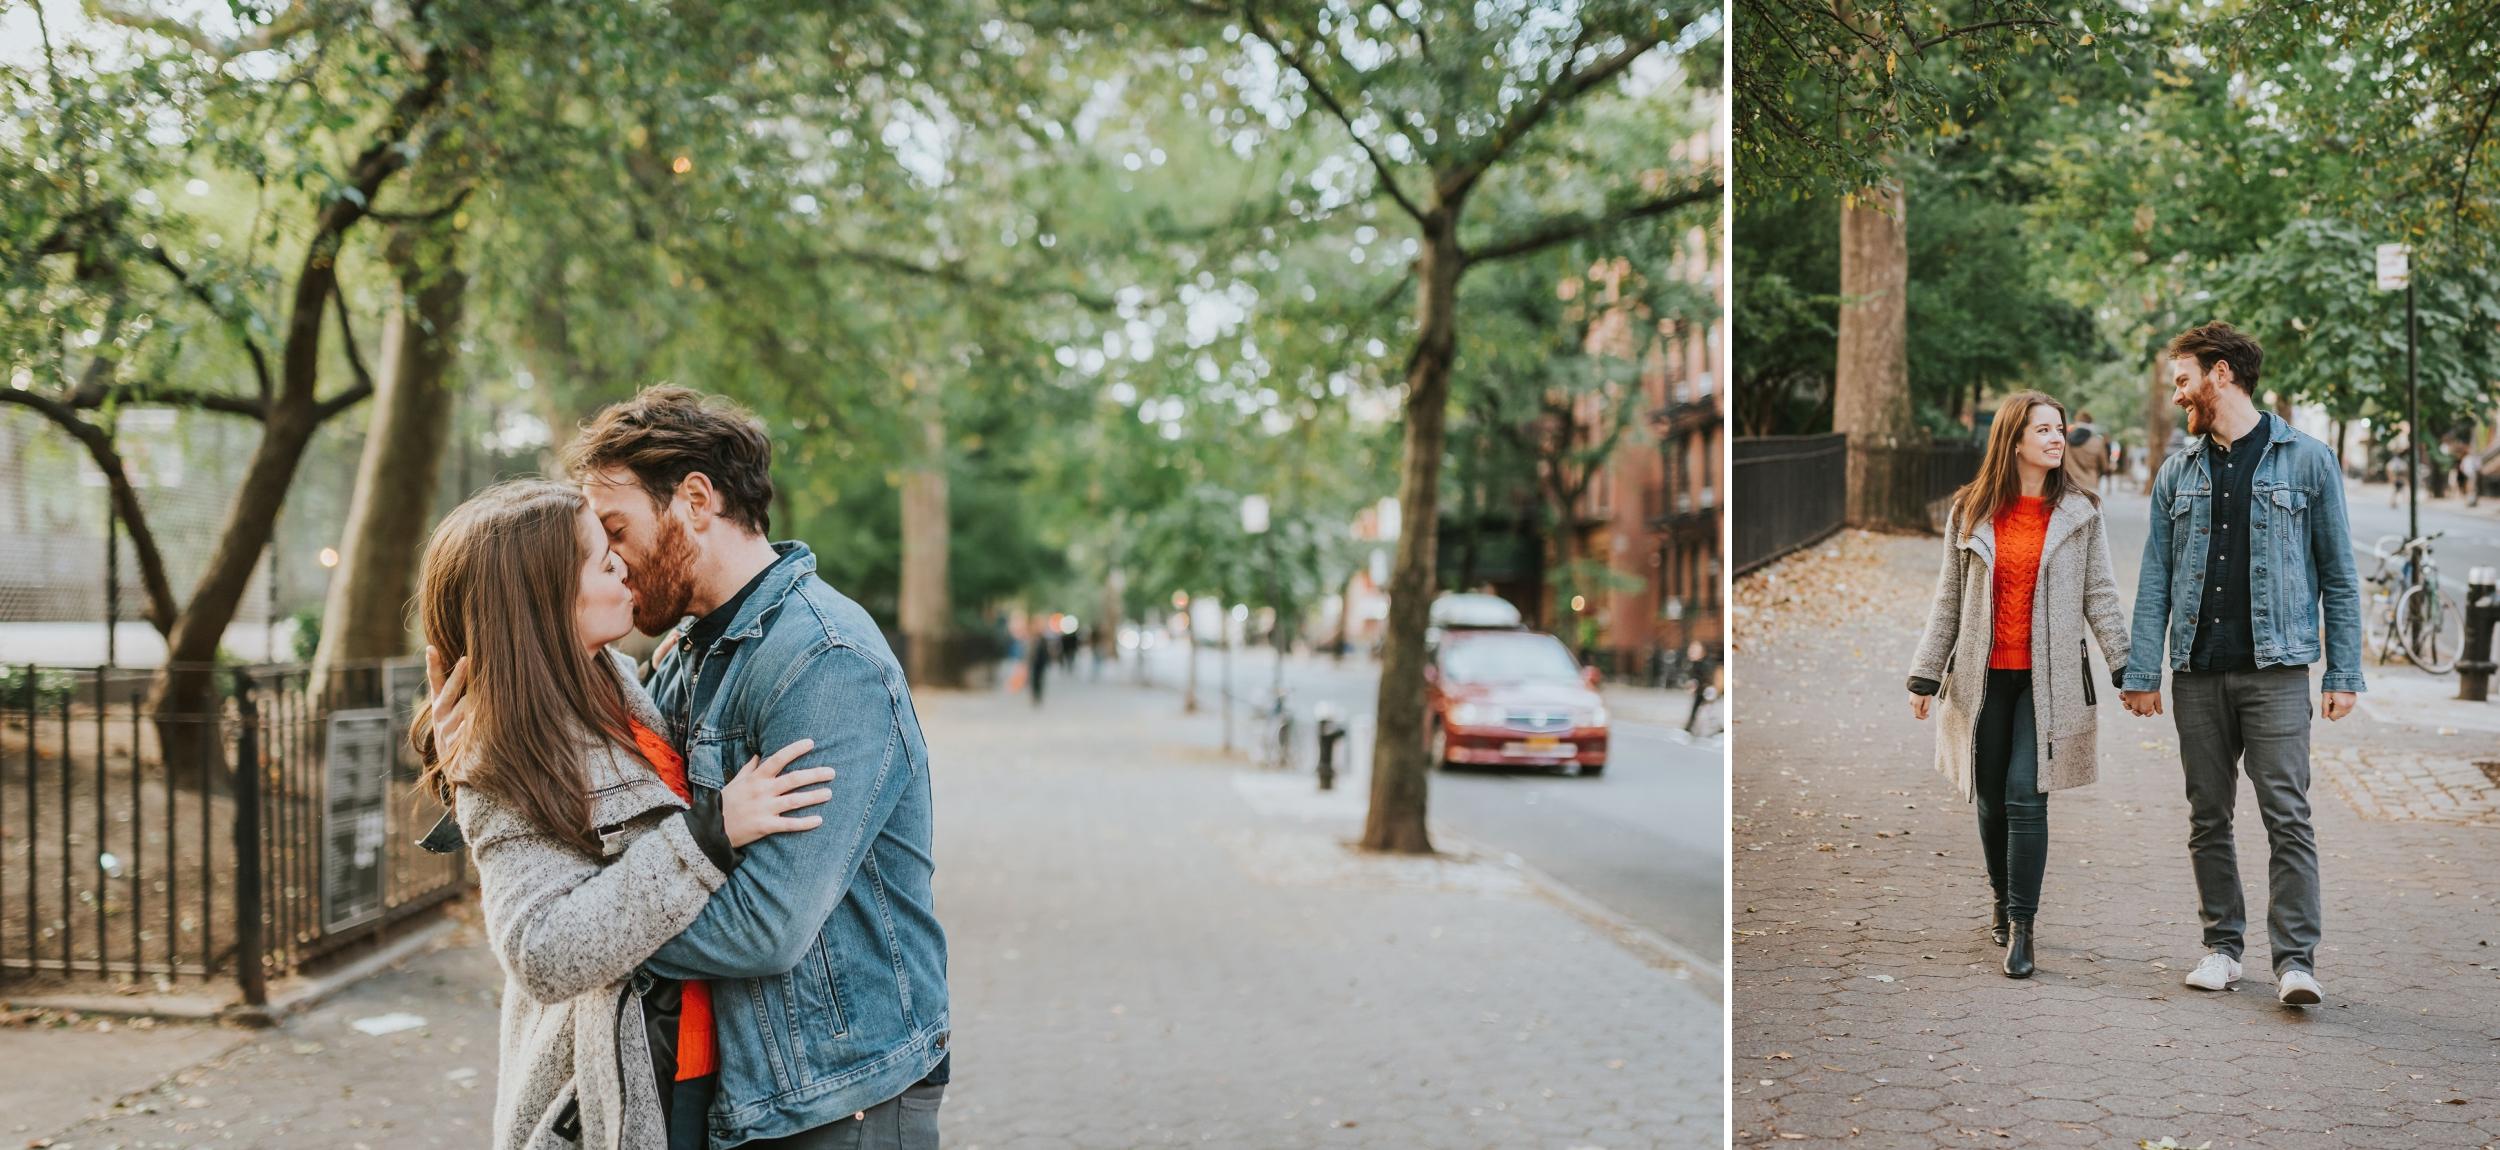 Kaitlyn & Luke - East Village Engagement 14.jpg